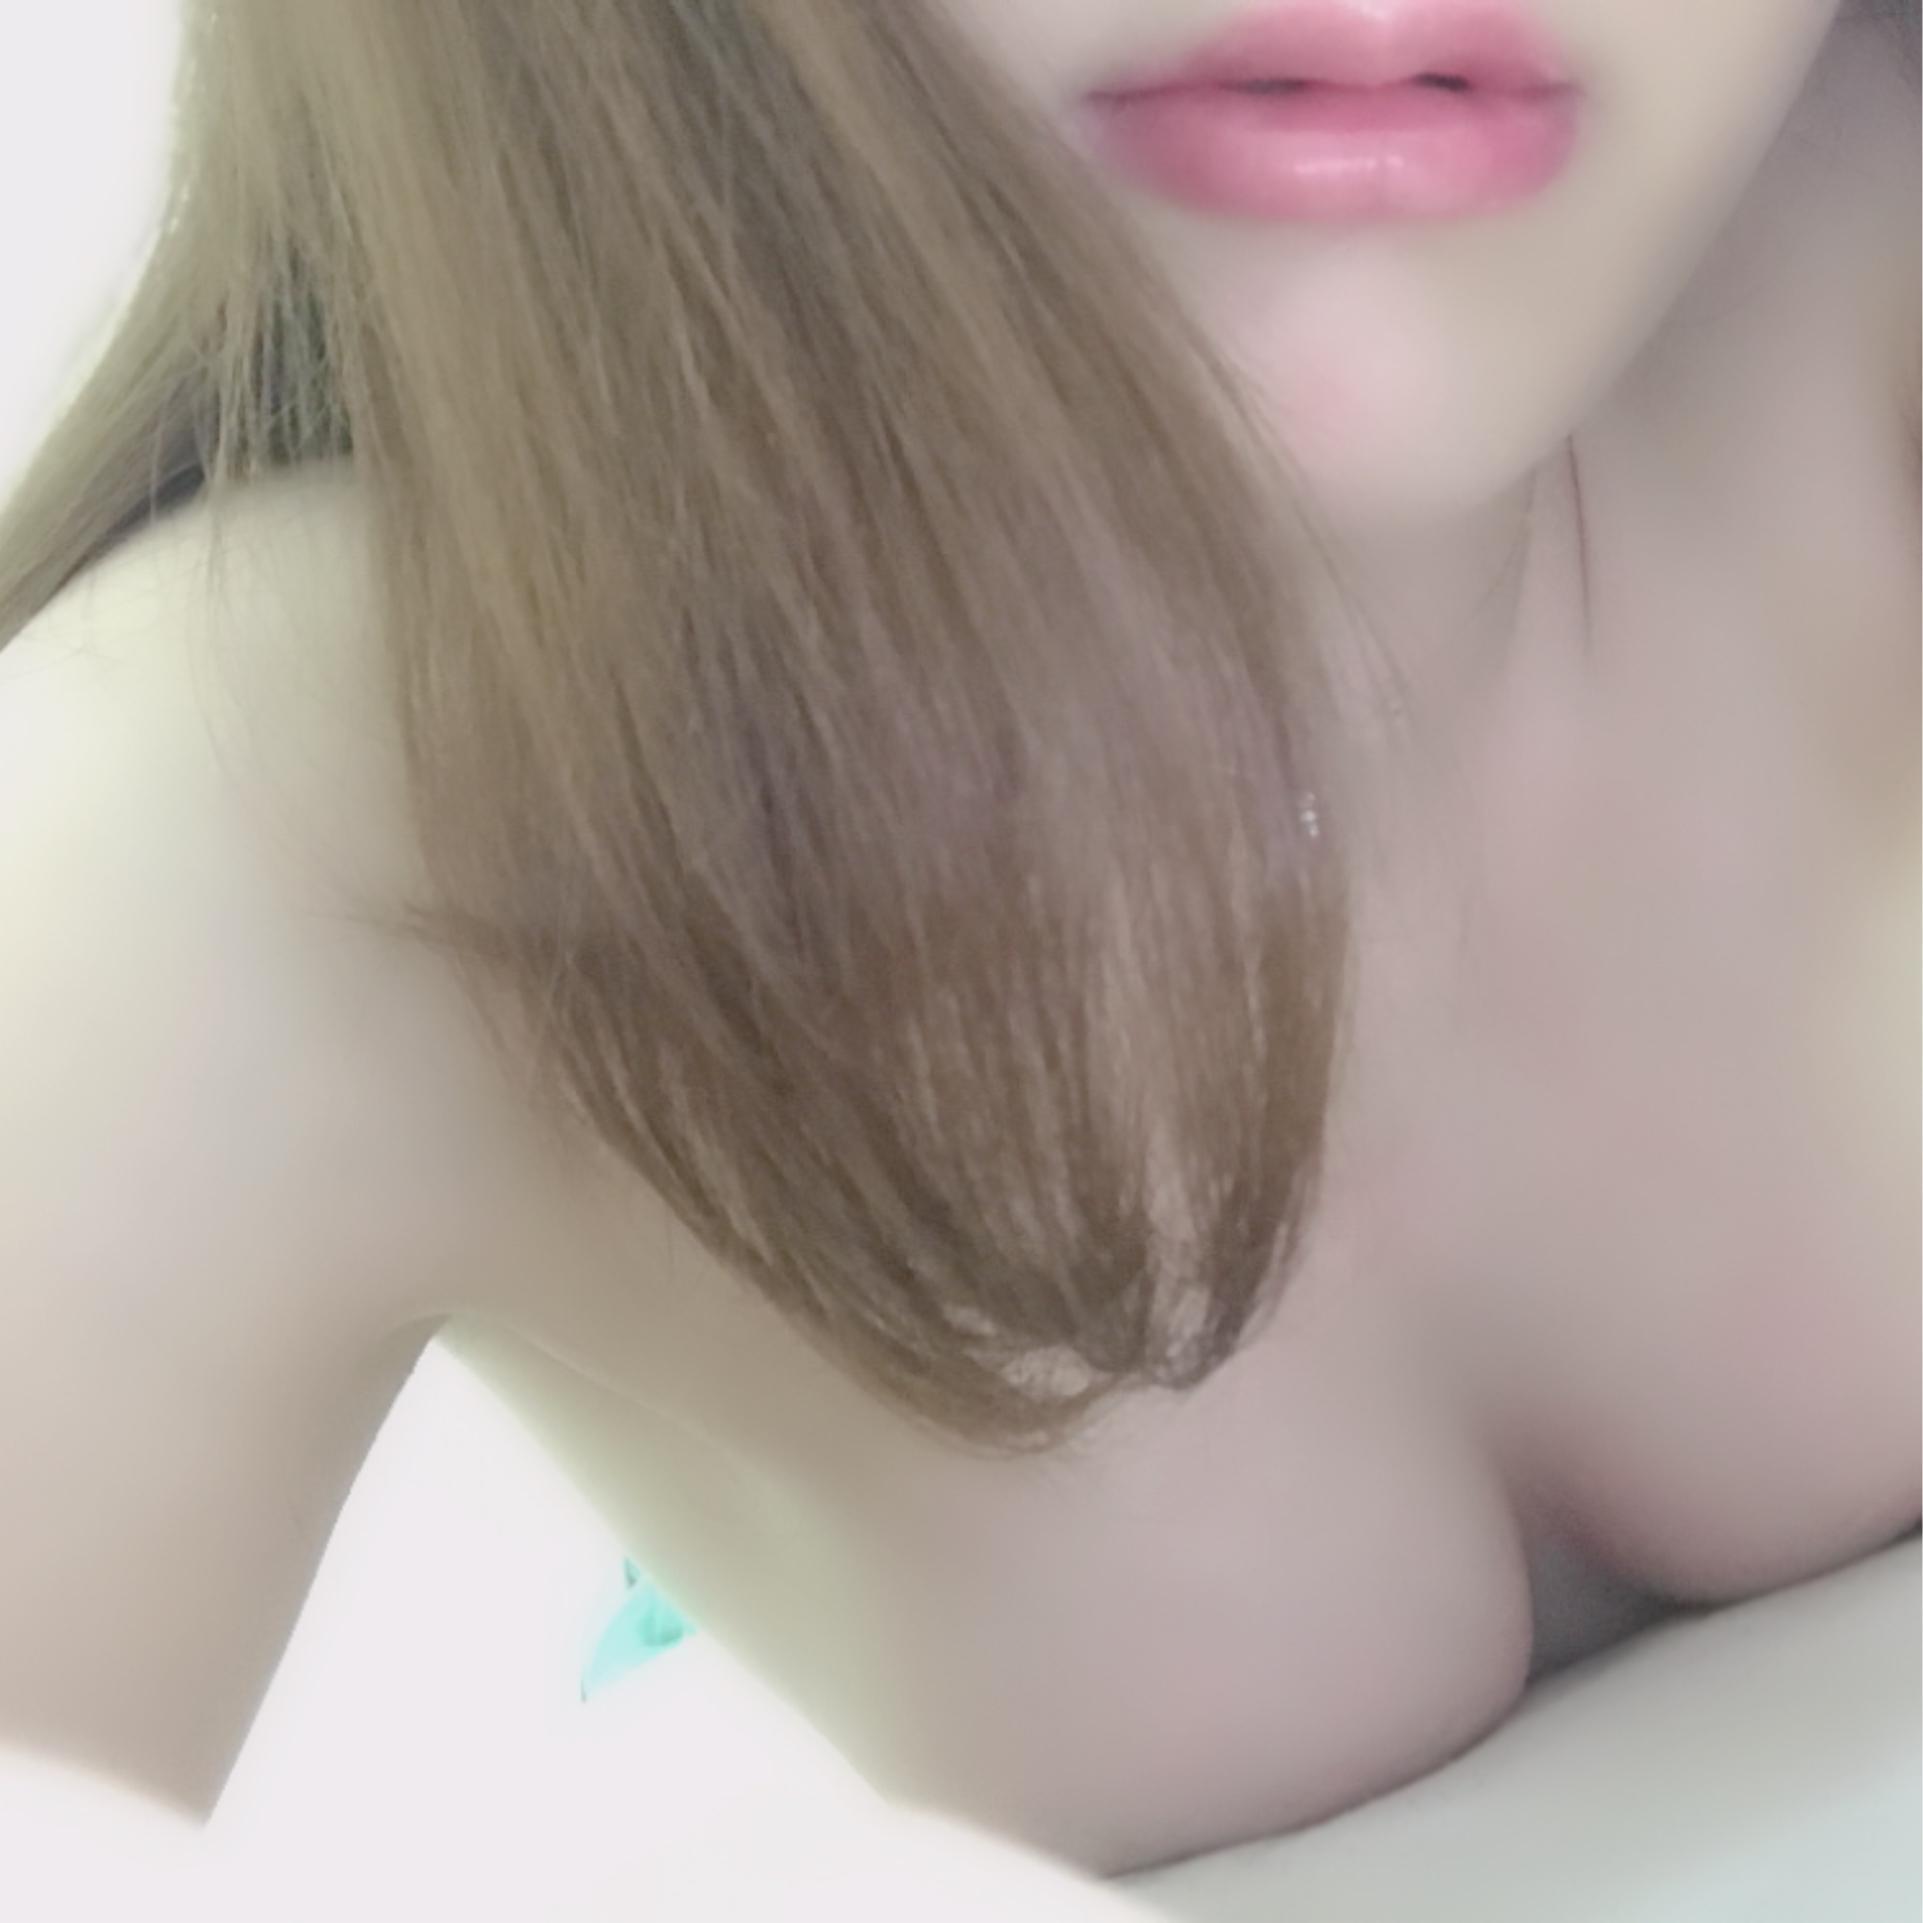 「面白い」05/30(木) 14:59 | あかねの写メ・風俗動画